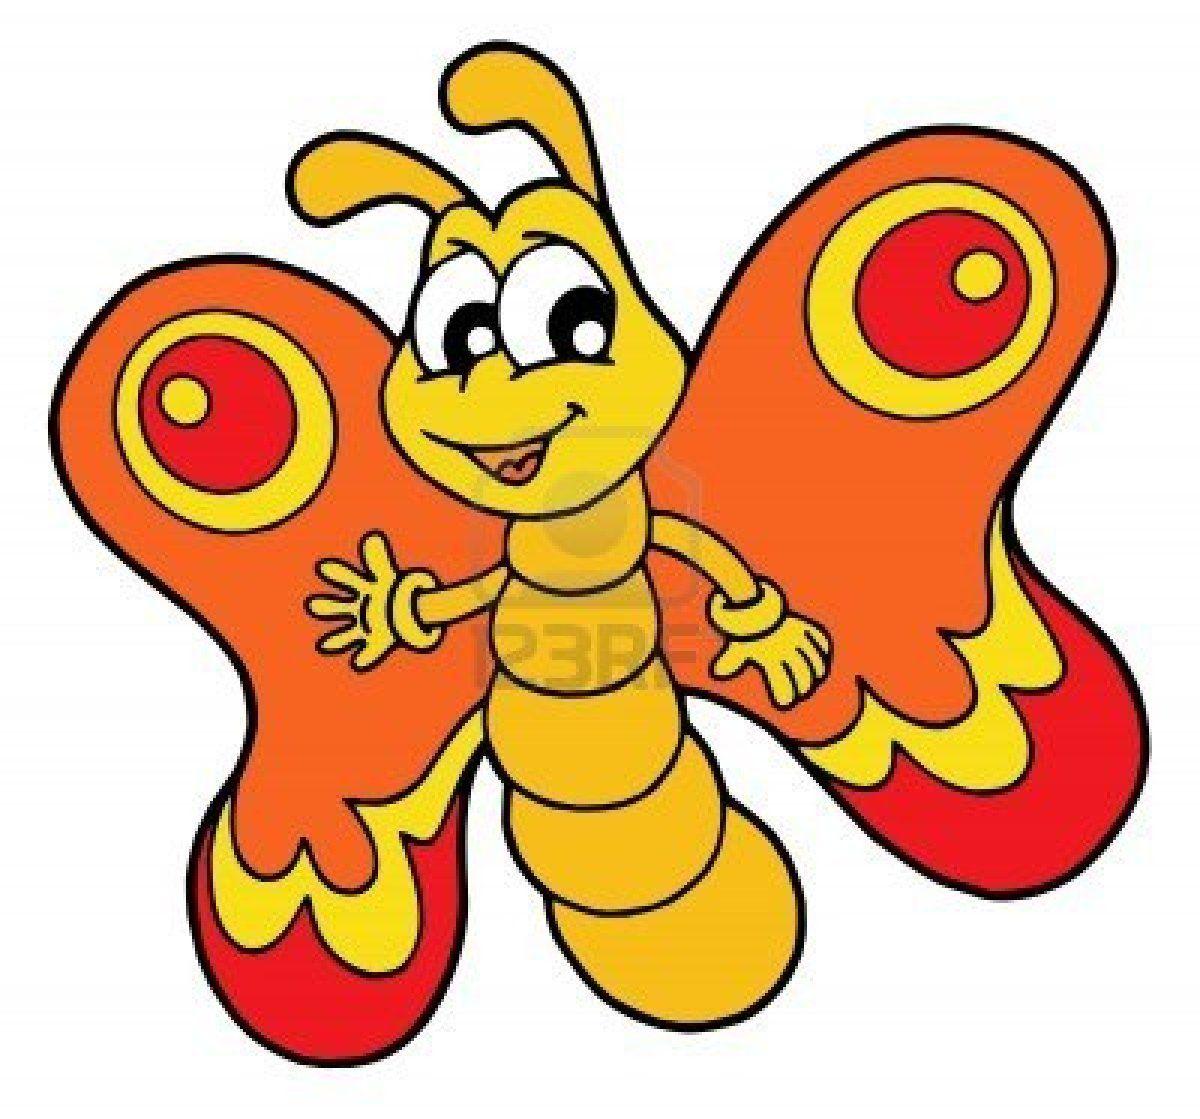 Dessin en couleurs imprimer animaux insectes papillon num ro 165866 devoir 4 saison - Animaux a imprimer en couleur ...